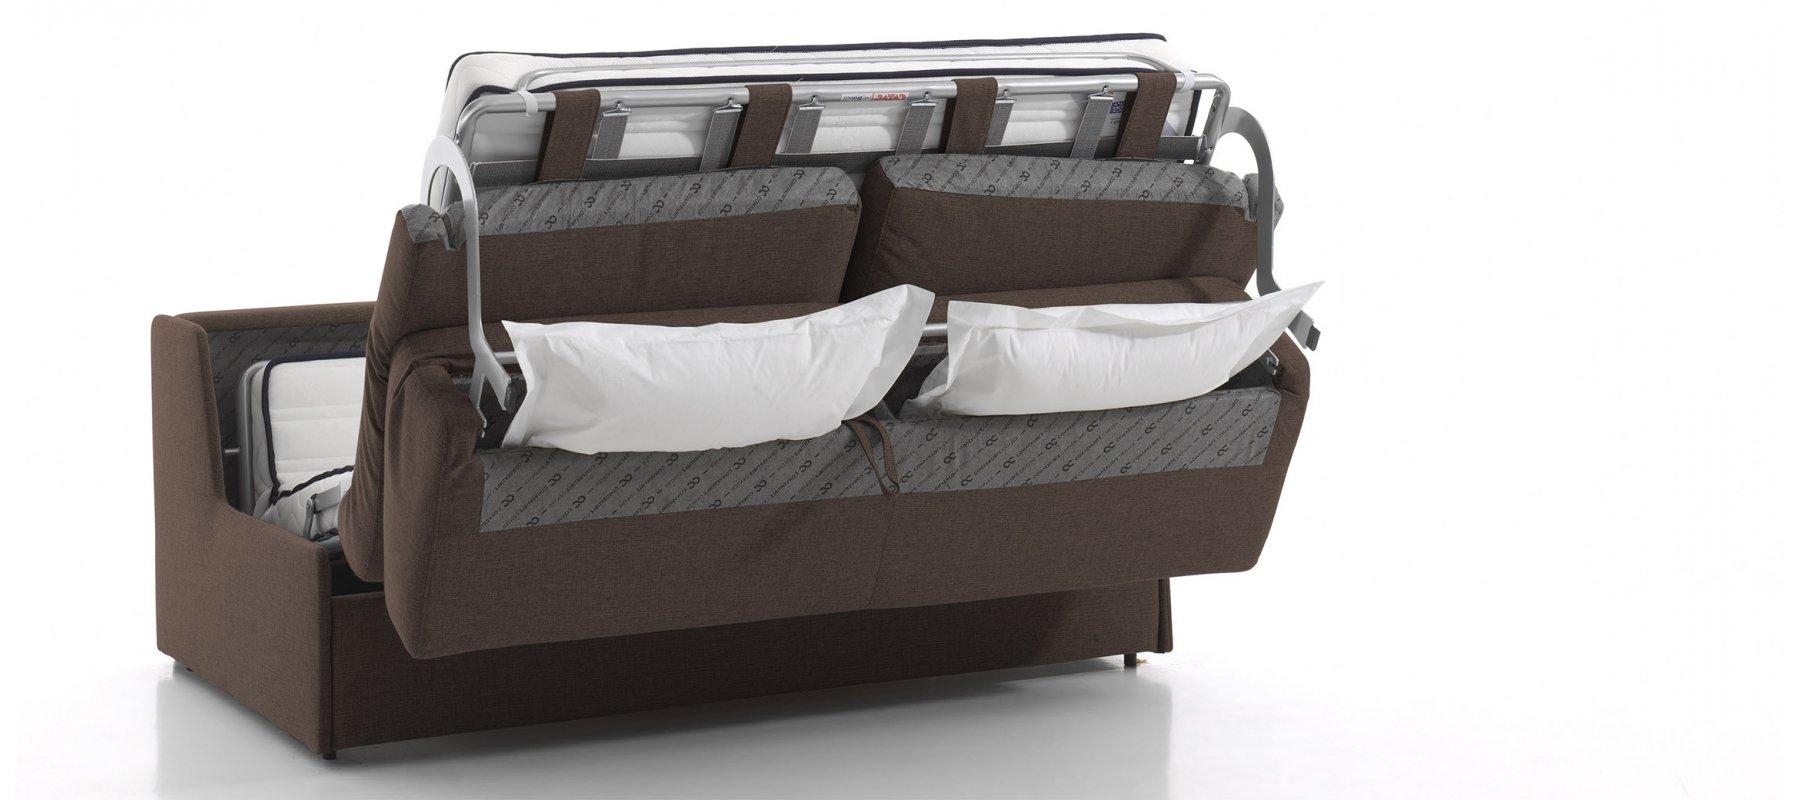 canap convertible bologne m canisme rapido 999 avec couchage 140 cm. Black Bedroom Furniture Sets. Home Design Ideas